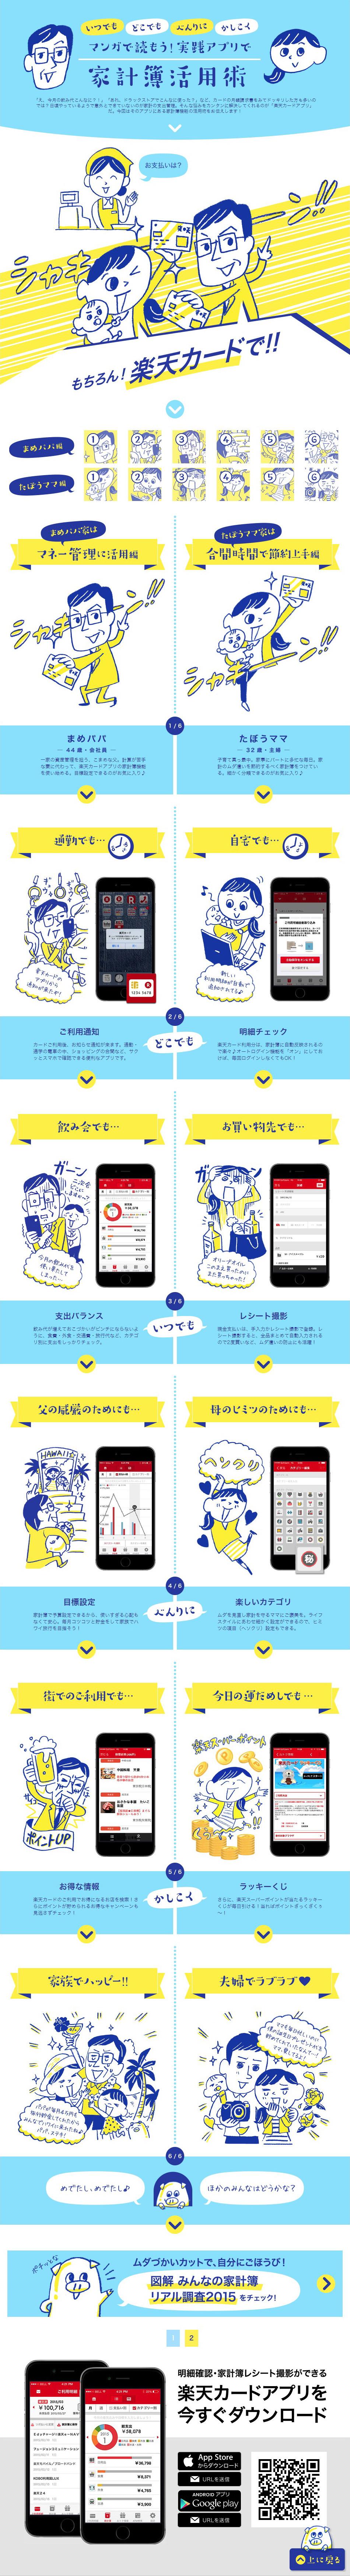 実践!アプリで家計簿活用術